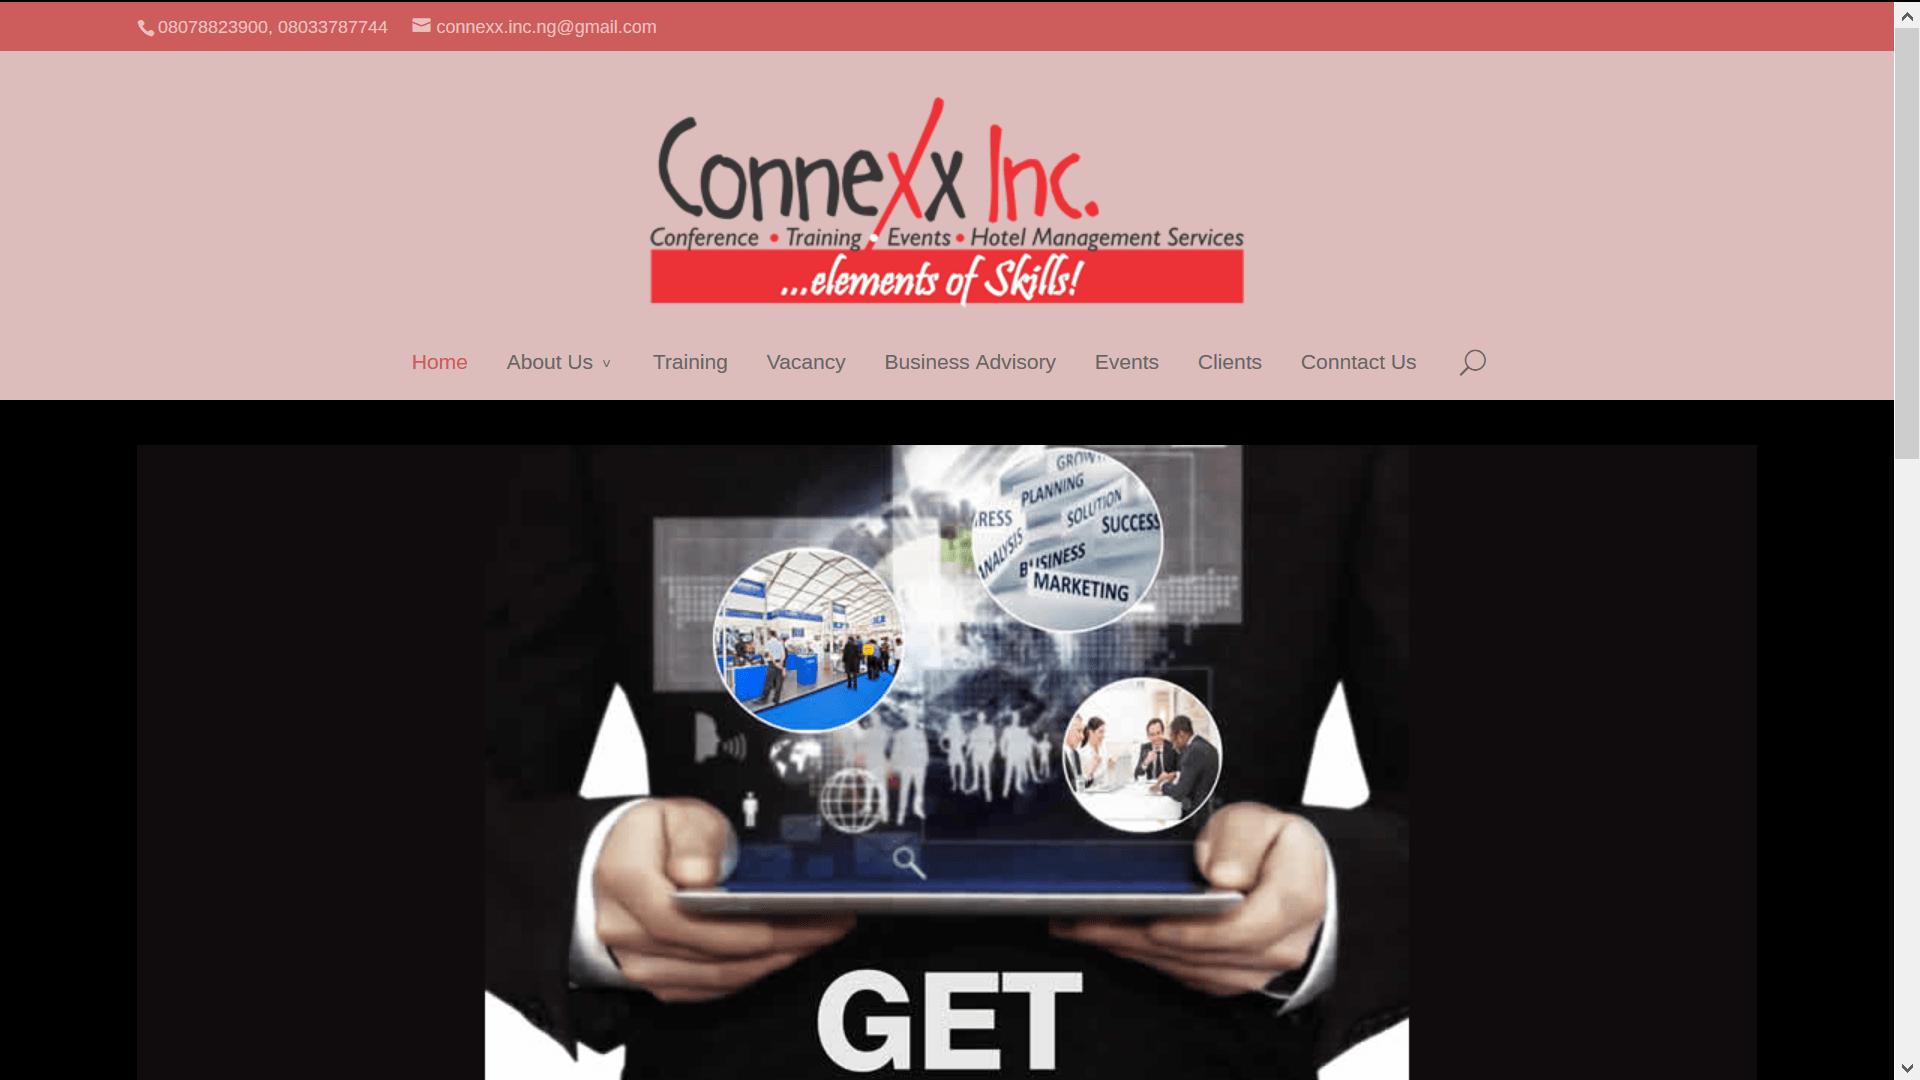 Connexx Inc.